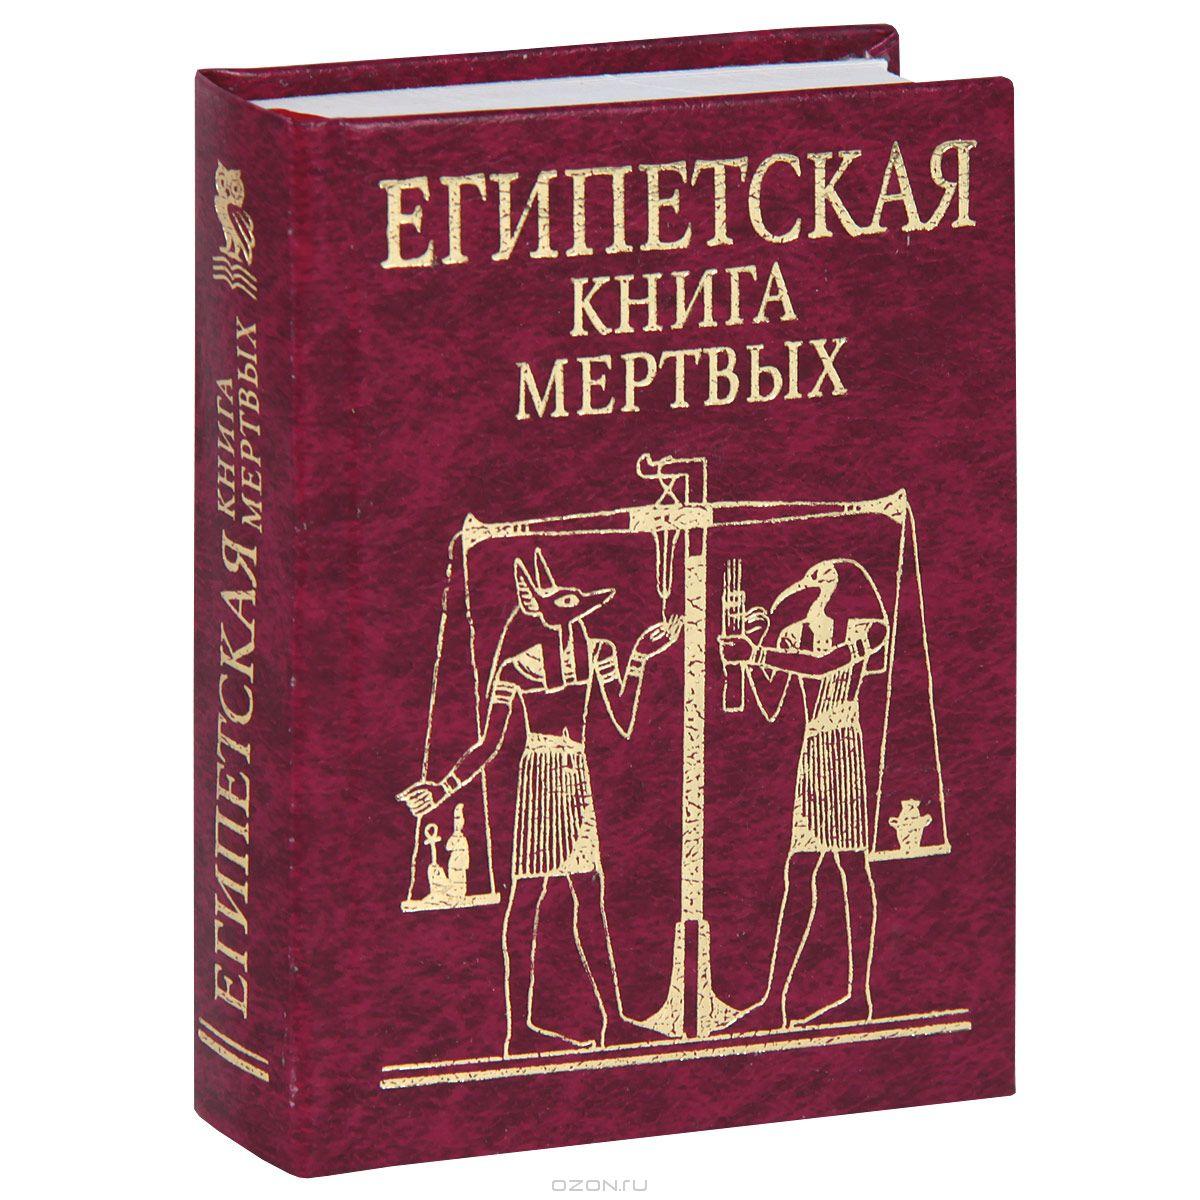 Египетская книга мертвых pdf скачать